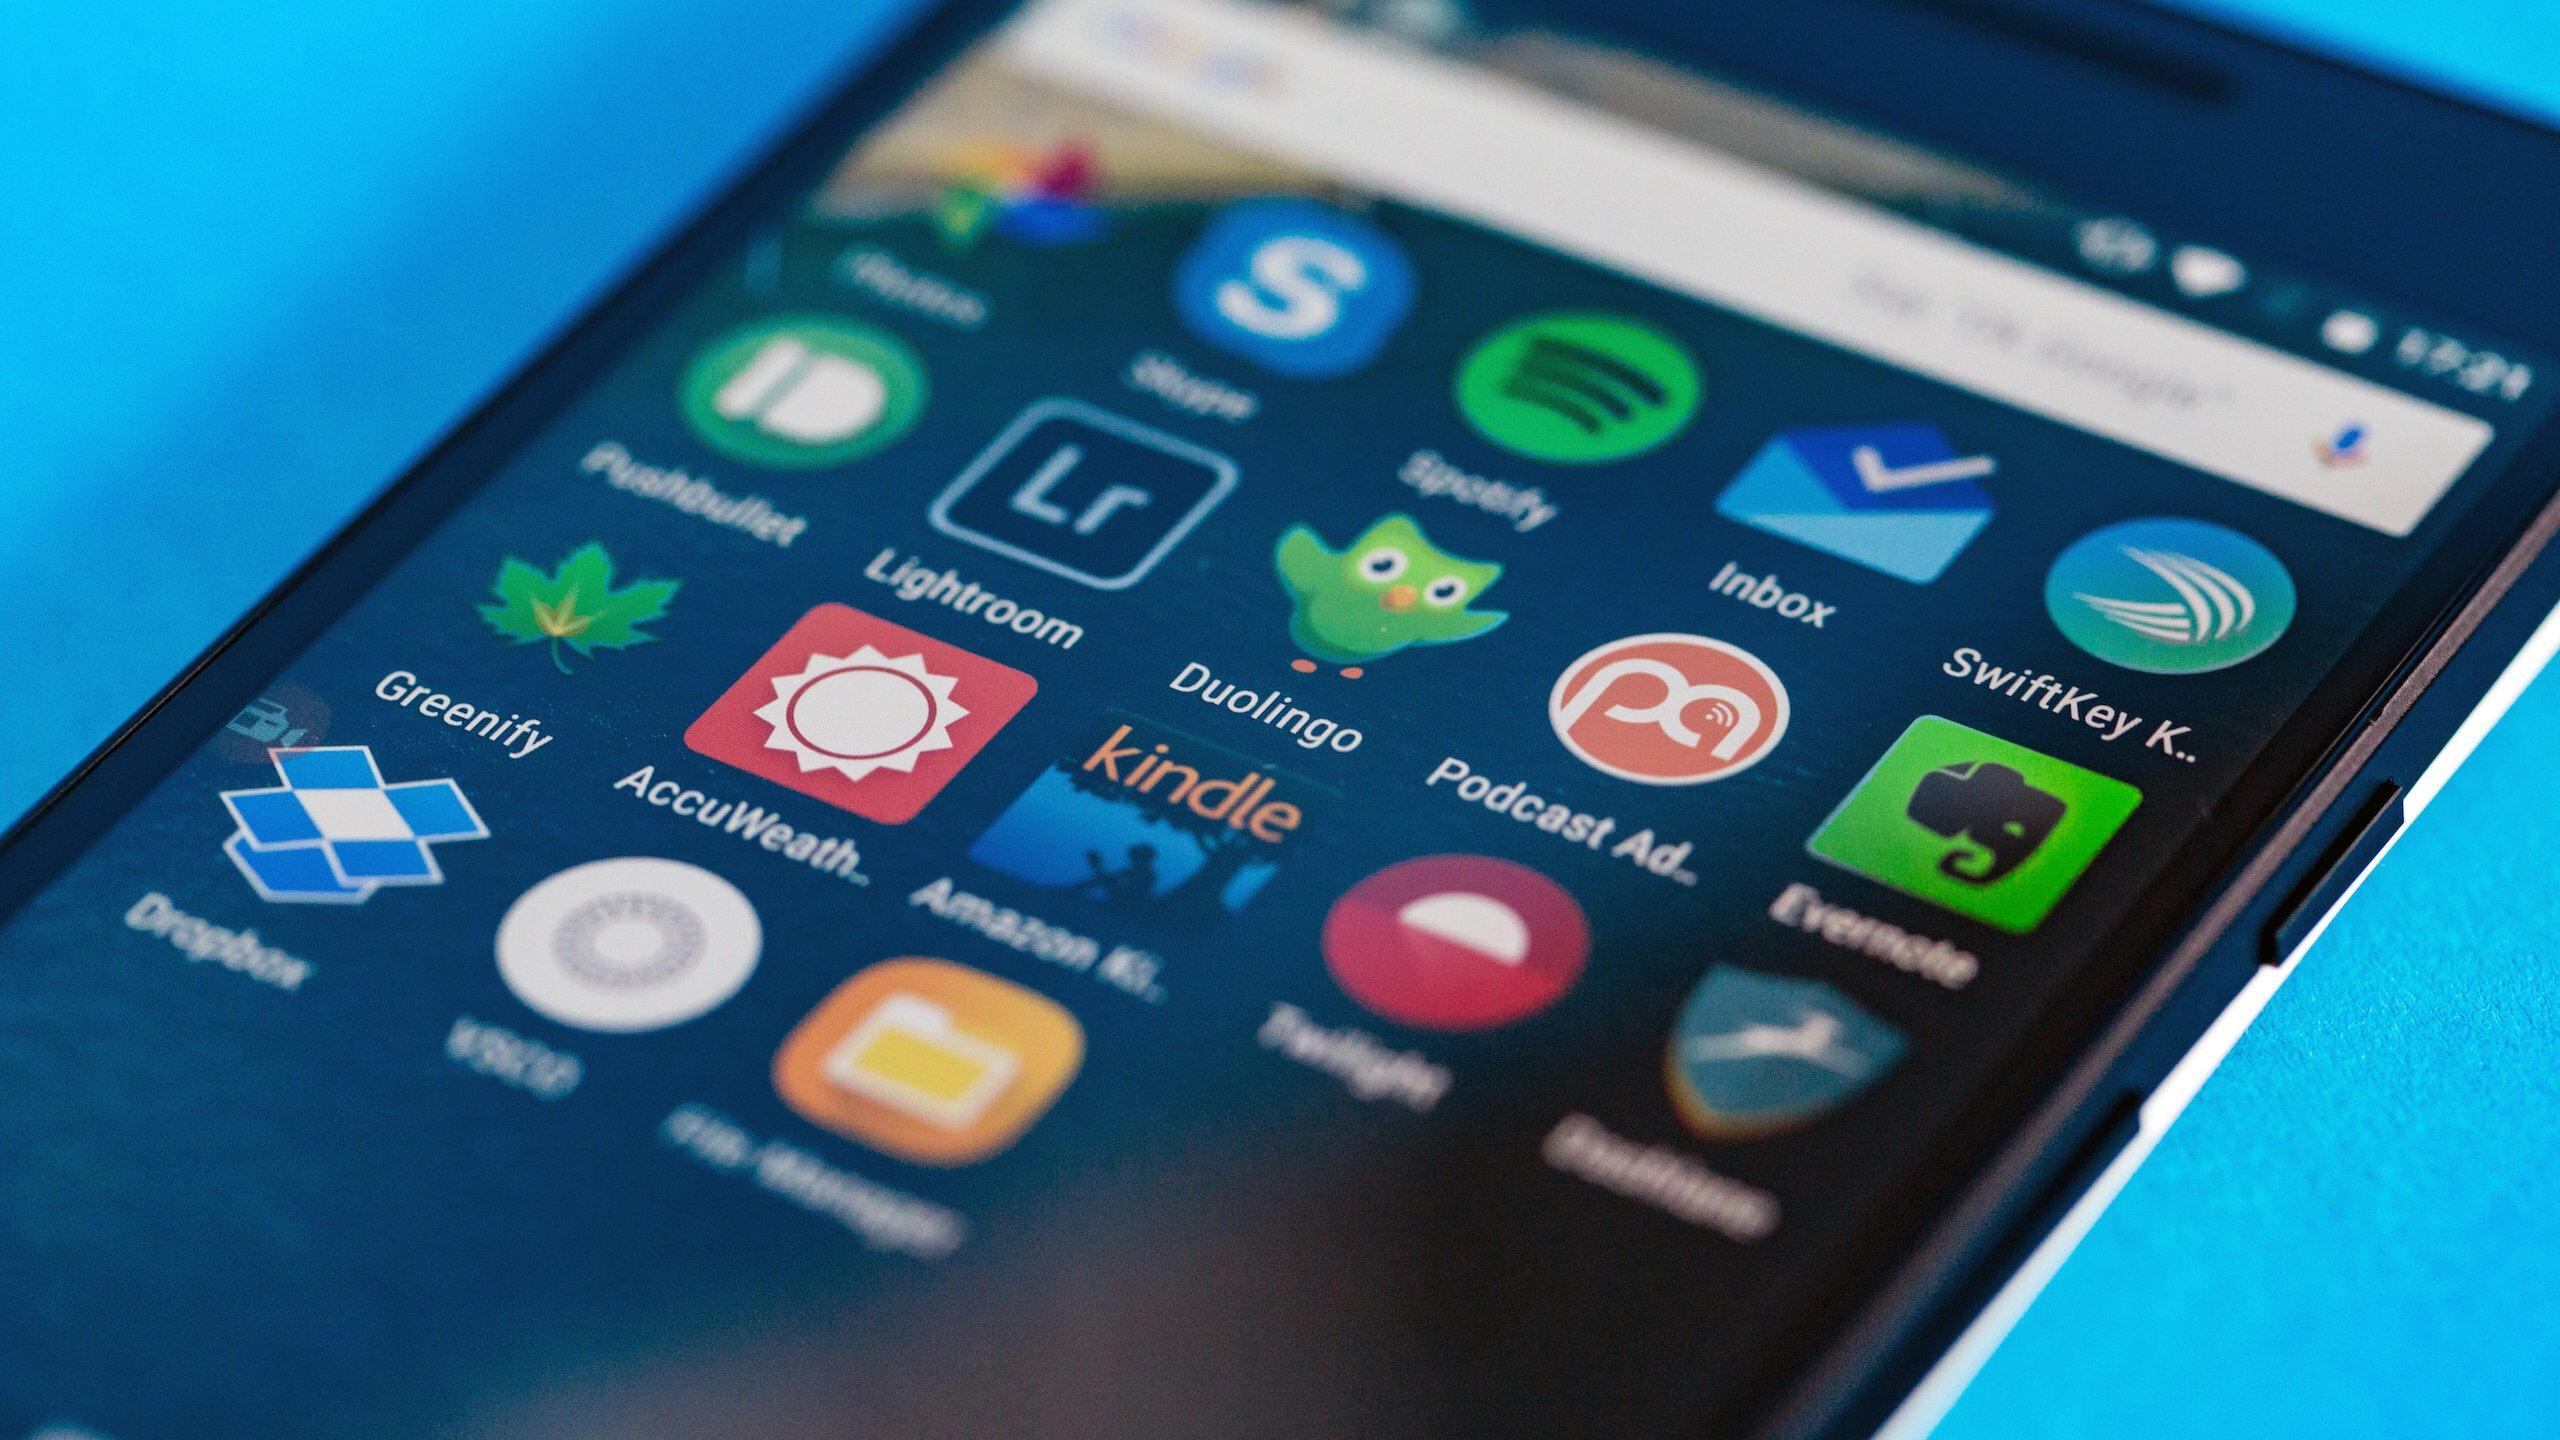 Android uygulamaları listesinde en dikkat çeken ise TikTok. Bu sene epey yoğun ilgi gören uygulama kısa sürede milyonlarca kişiye erişmiş durumda.